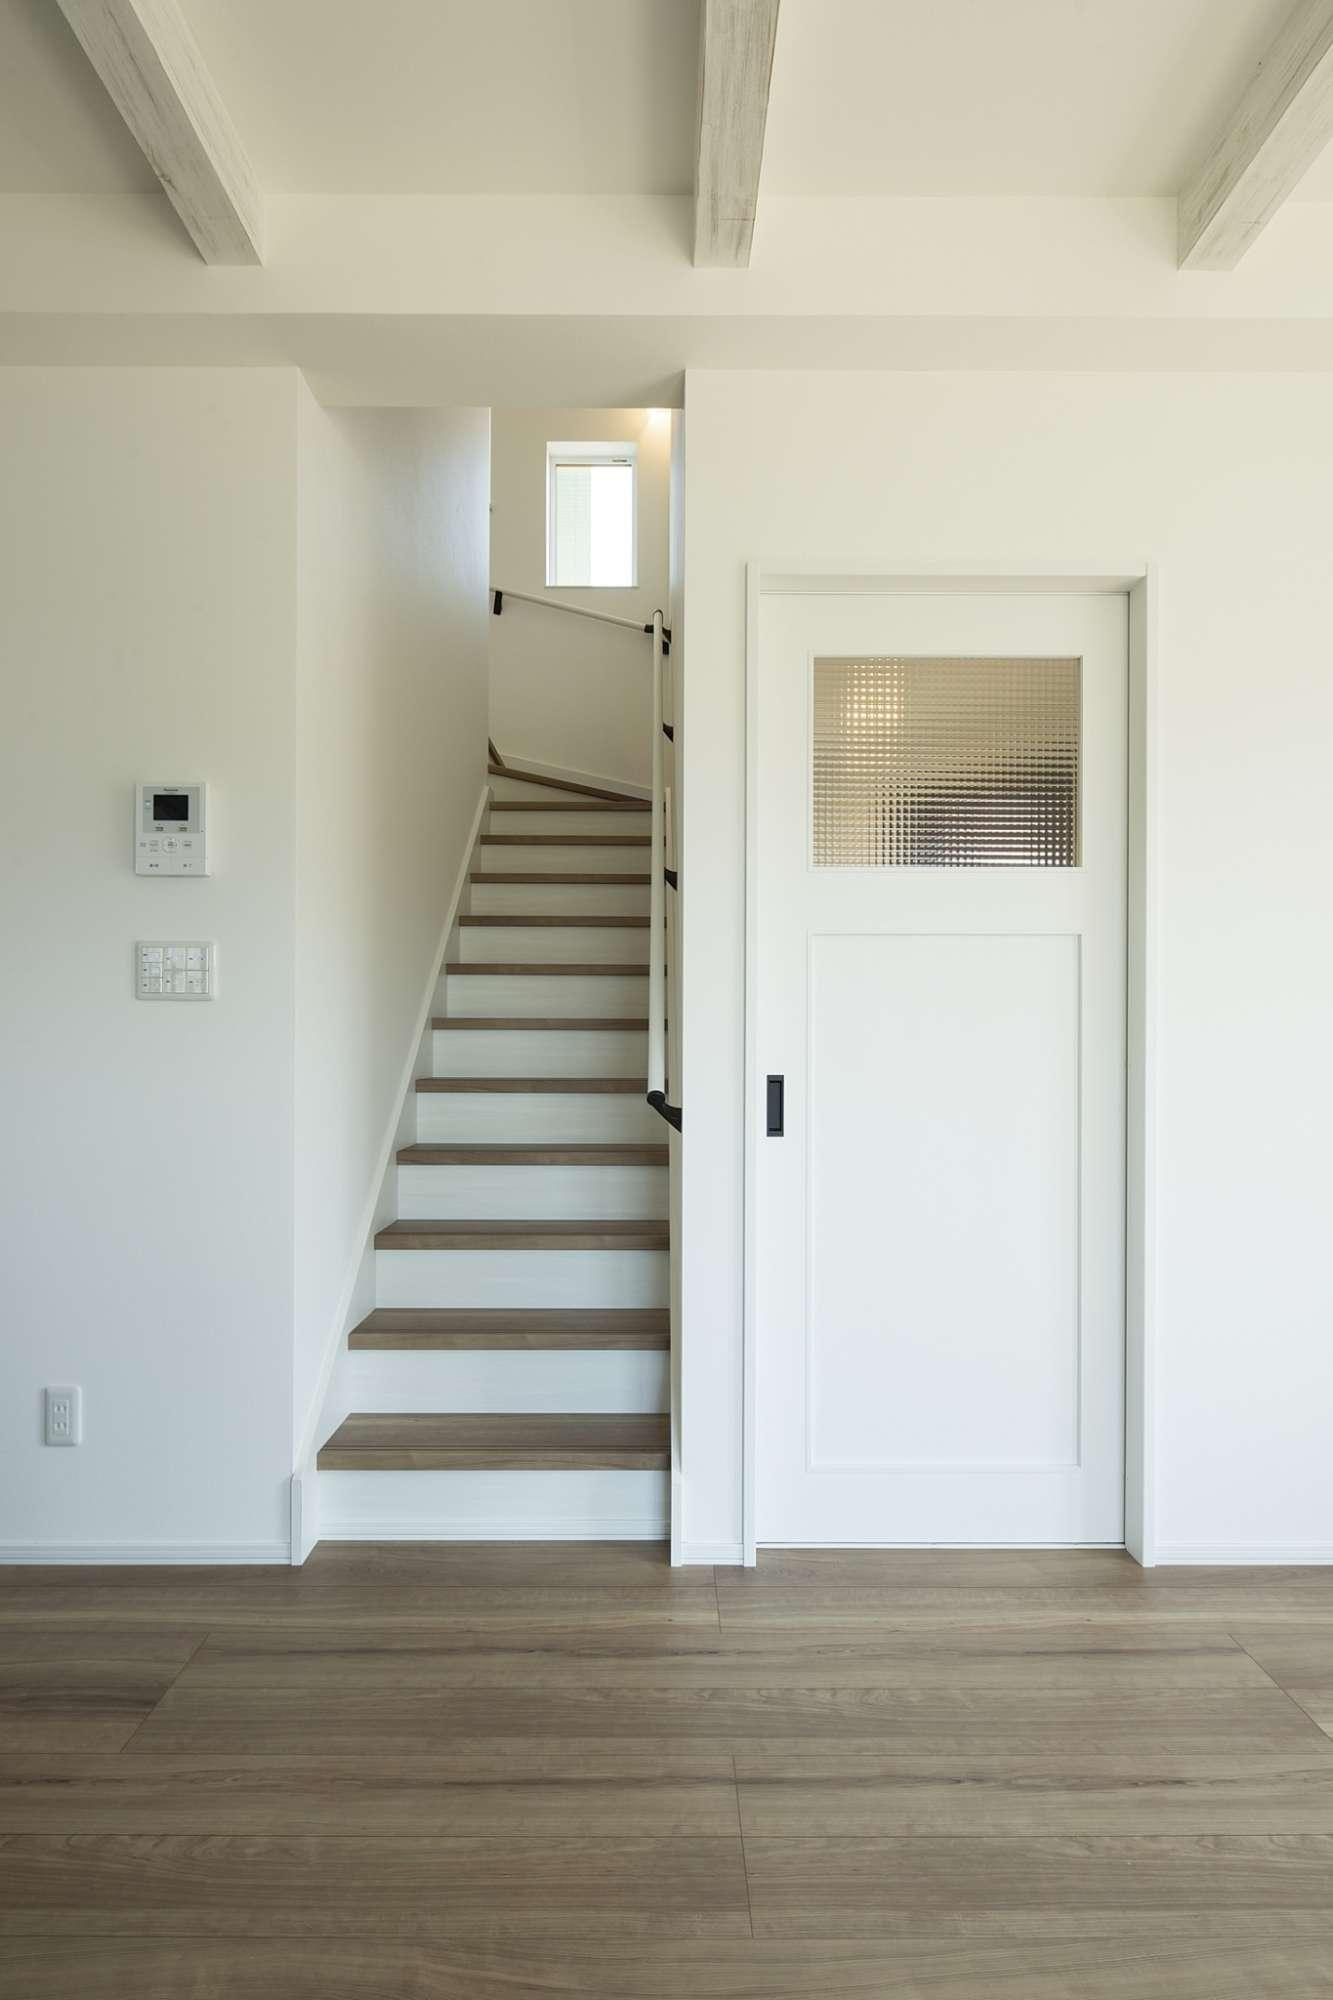 波ガラスを使ったドアや梁の雰囲気がビンテージなイメージに -  -  -